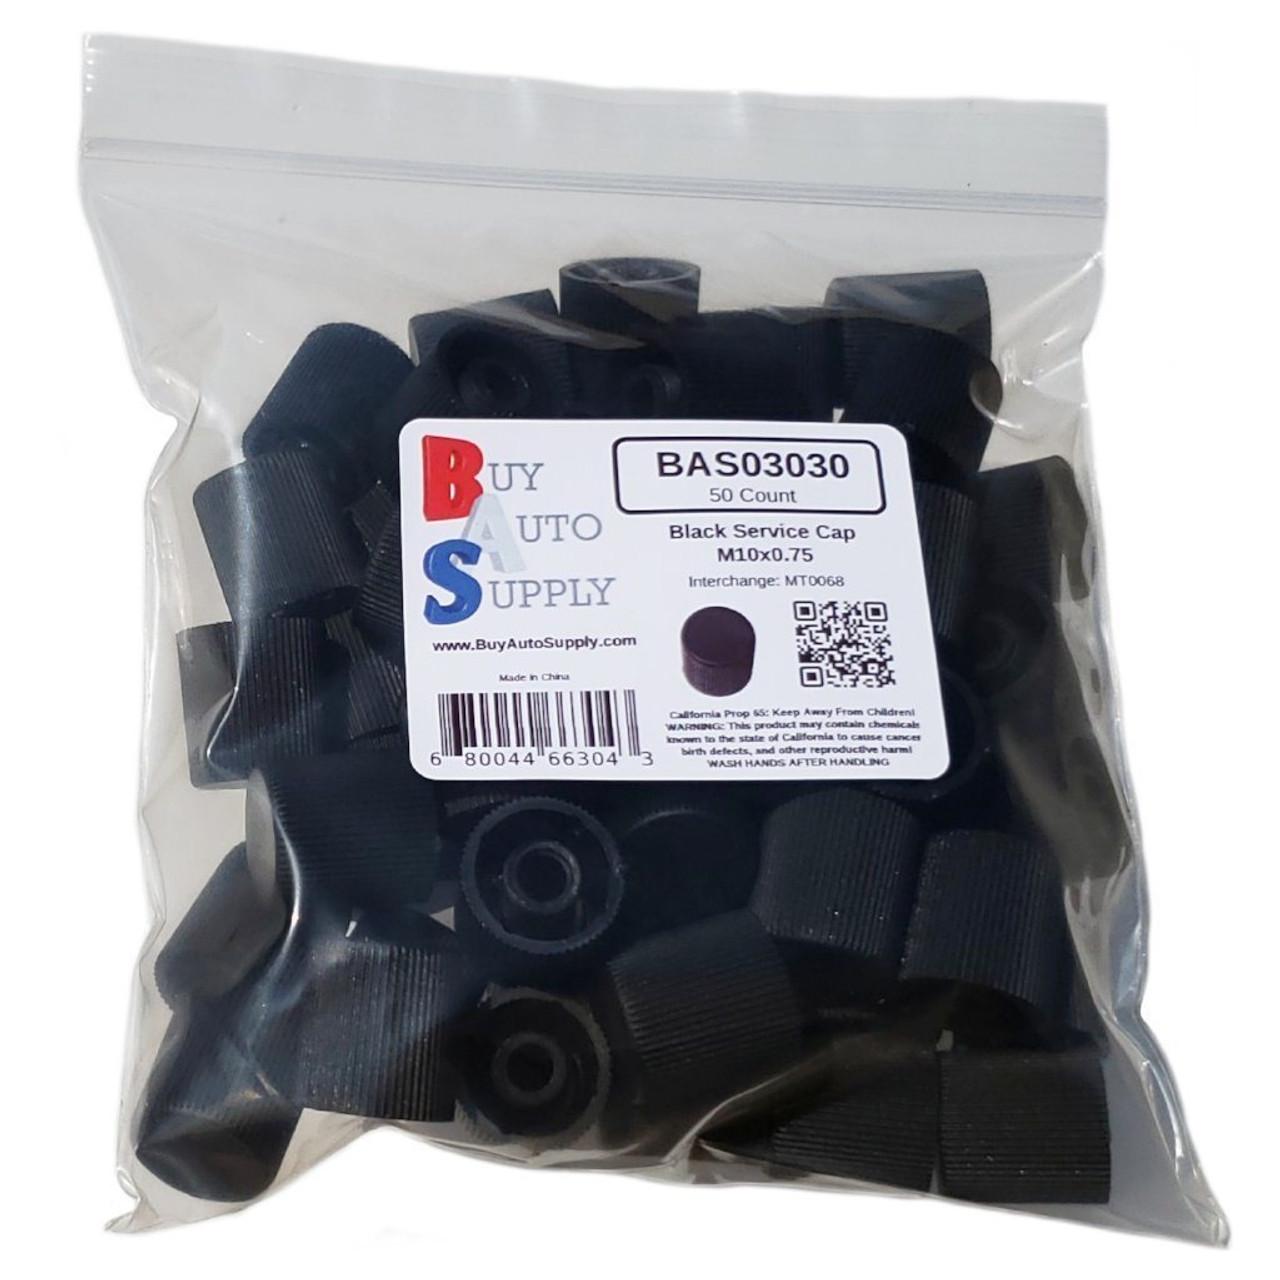 Bag of 50 AC Service Valve Caps - Black High Side M10x0.75 - Interchanges: MT0068, 59938